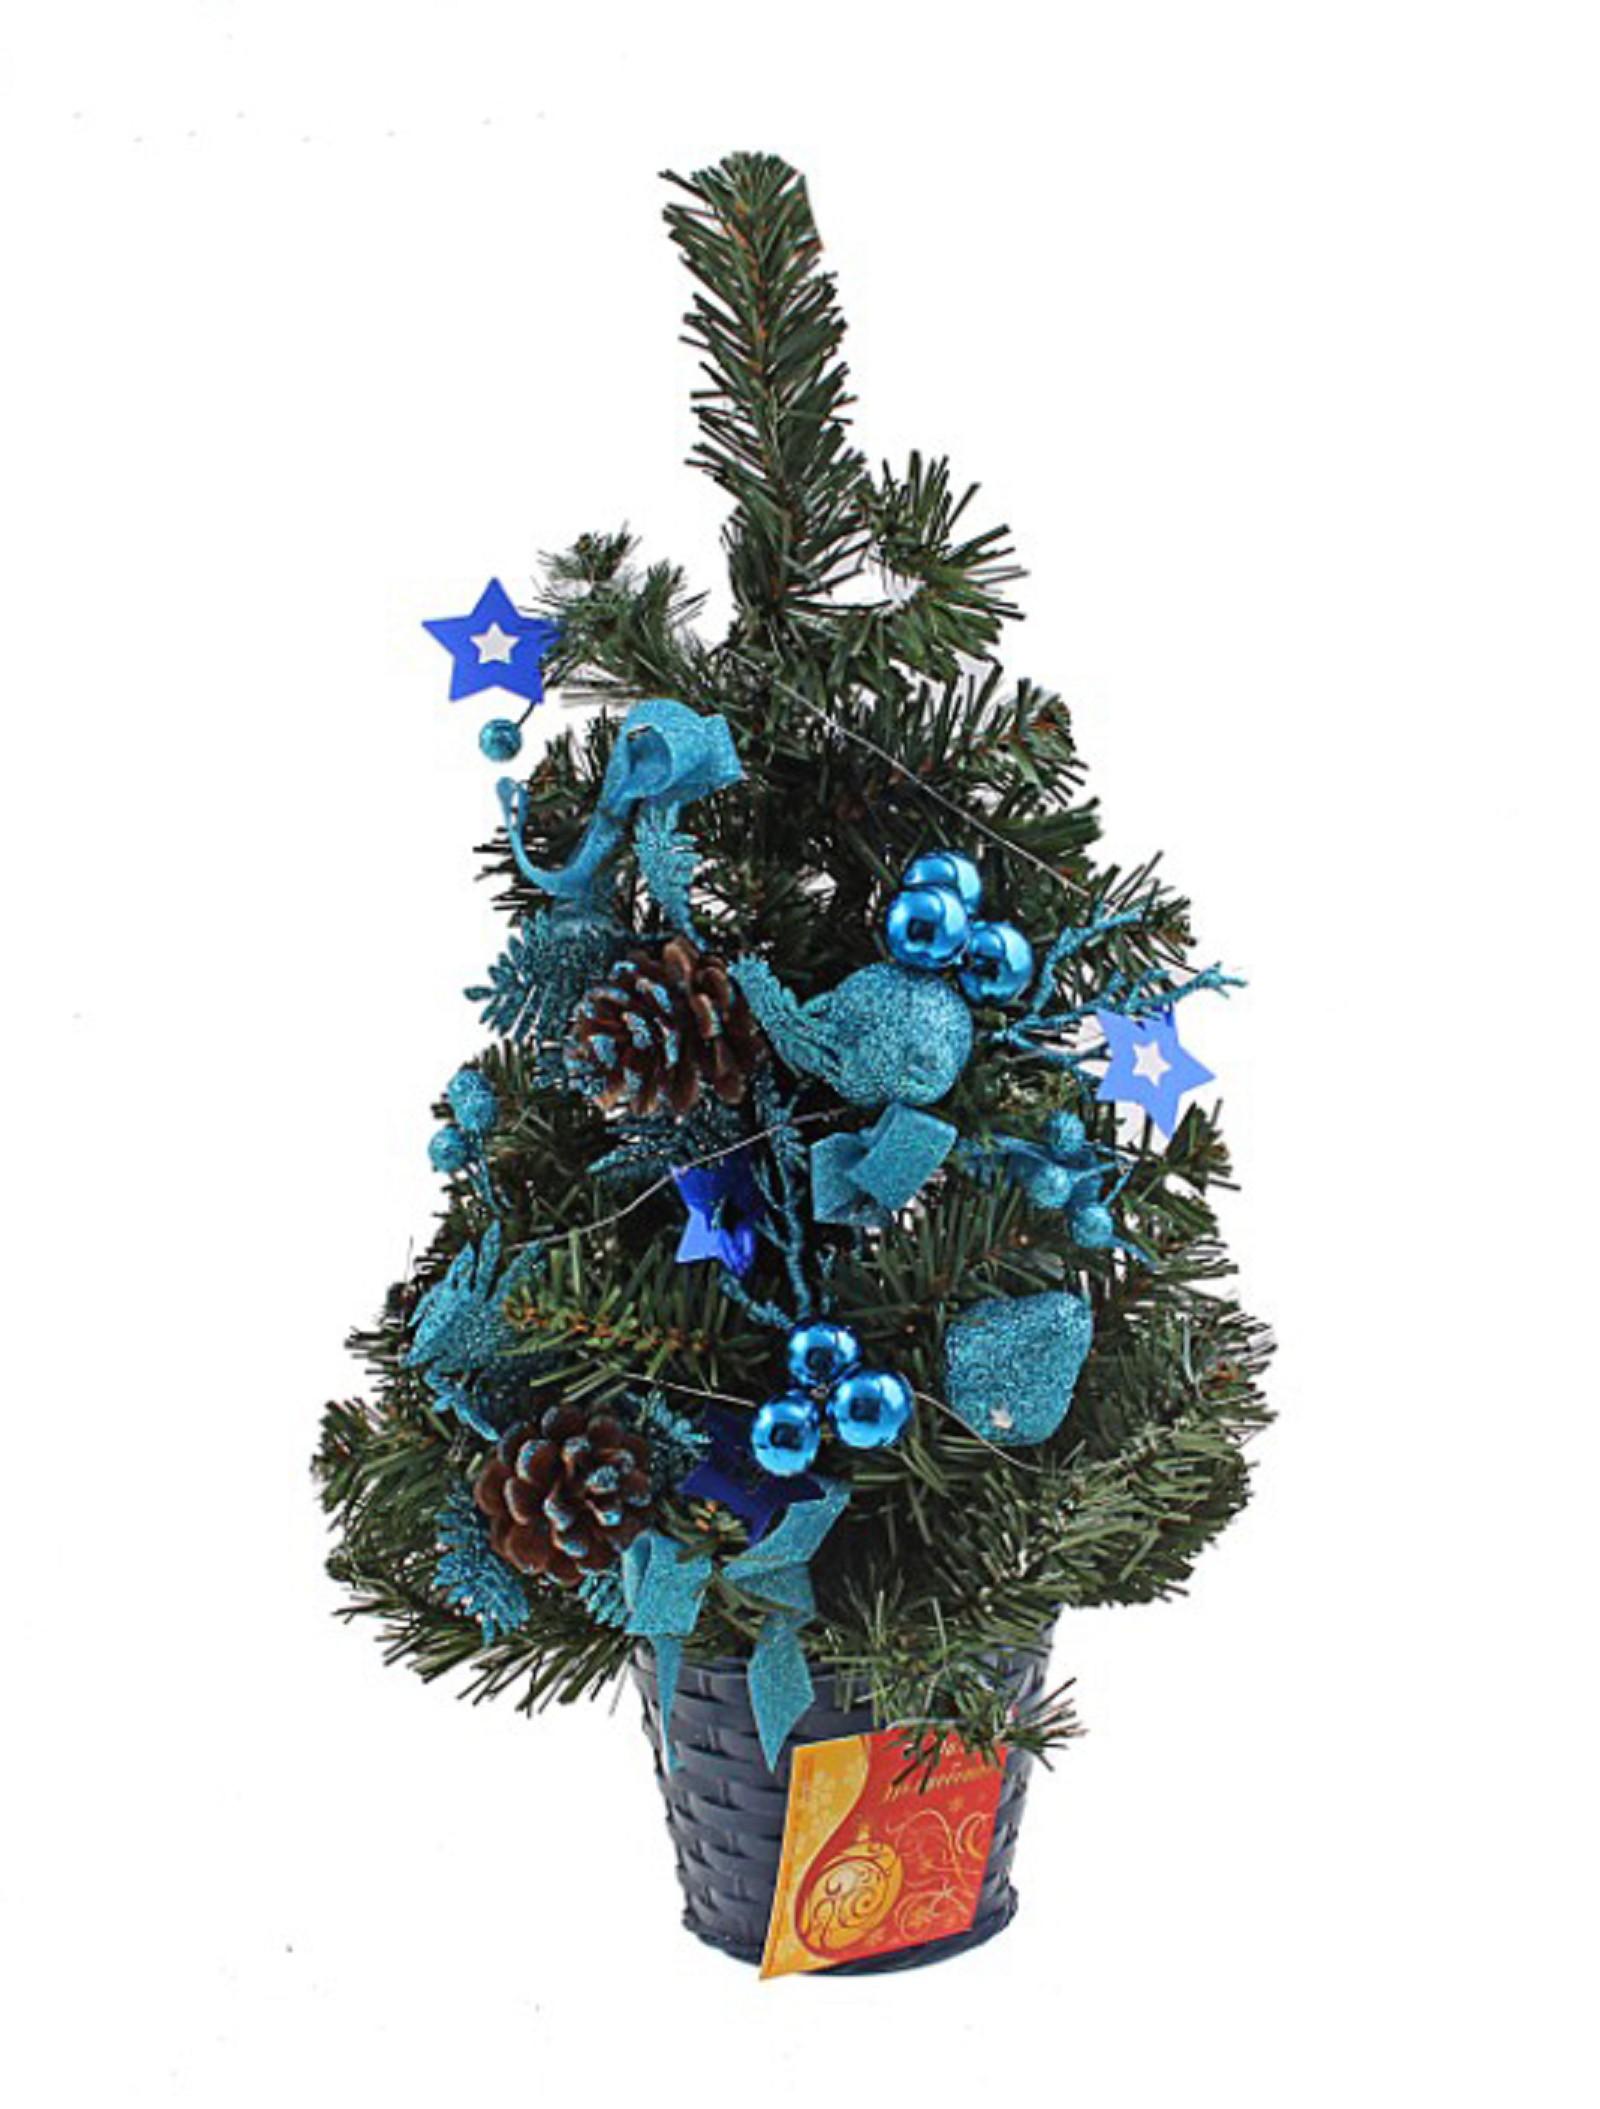 Декоративное украшение Новогодняя елочка, настенное, цвет: зеленый, синий, высота 45 см. 705181705181Декоративное украшение, выполненное из пластика - мини-елочка зеленого цвета для оформления интерьера к Новому году. Ее не нужно ни собирать, ни наряжать, зато настроение праздника она создает очень быстро. Елка украшена лентами, шишками и шариками. Елка украсит интерьер вашего дома или офиса к Новому году и создаст теплую и уютную атмосферу праздника. Откройте для себя удивительный мир сказок и грез. Почувствуйте волшебные минуты ожидания праздника, создайте новогоднее настроение вашим дорогим и близким. Характеристики: Материал: пластик, металл, текстиль. Цвет: зеленый, синий. Размер елочки: 25 см х 9 см х 45 см. Артикул: 705181.